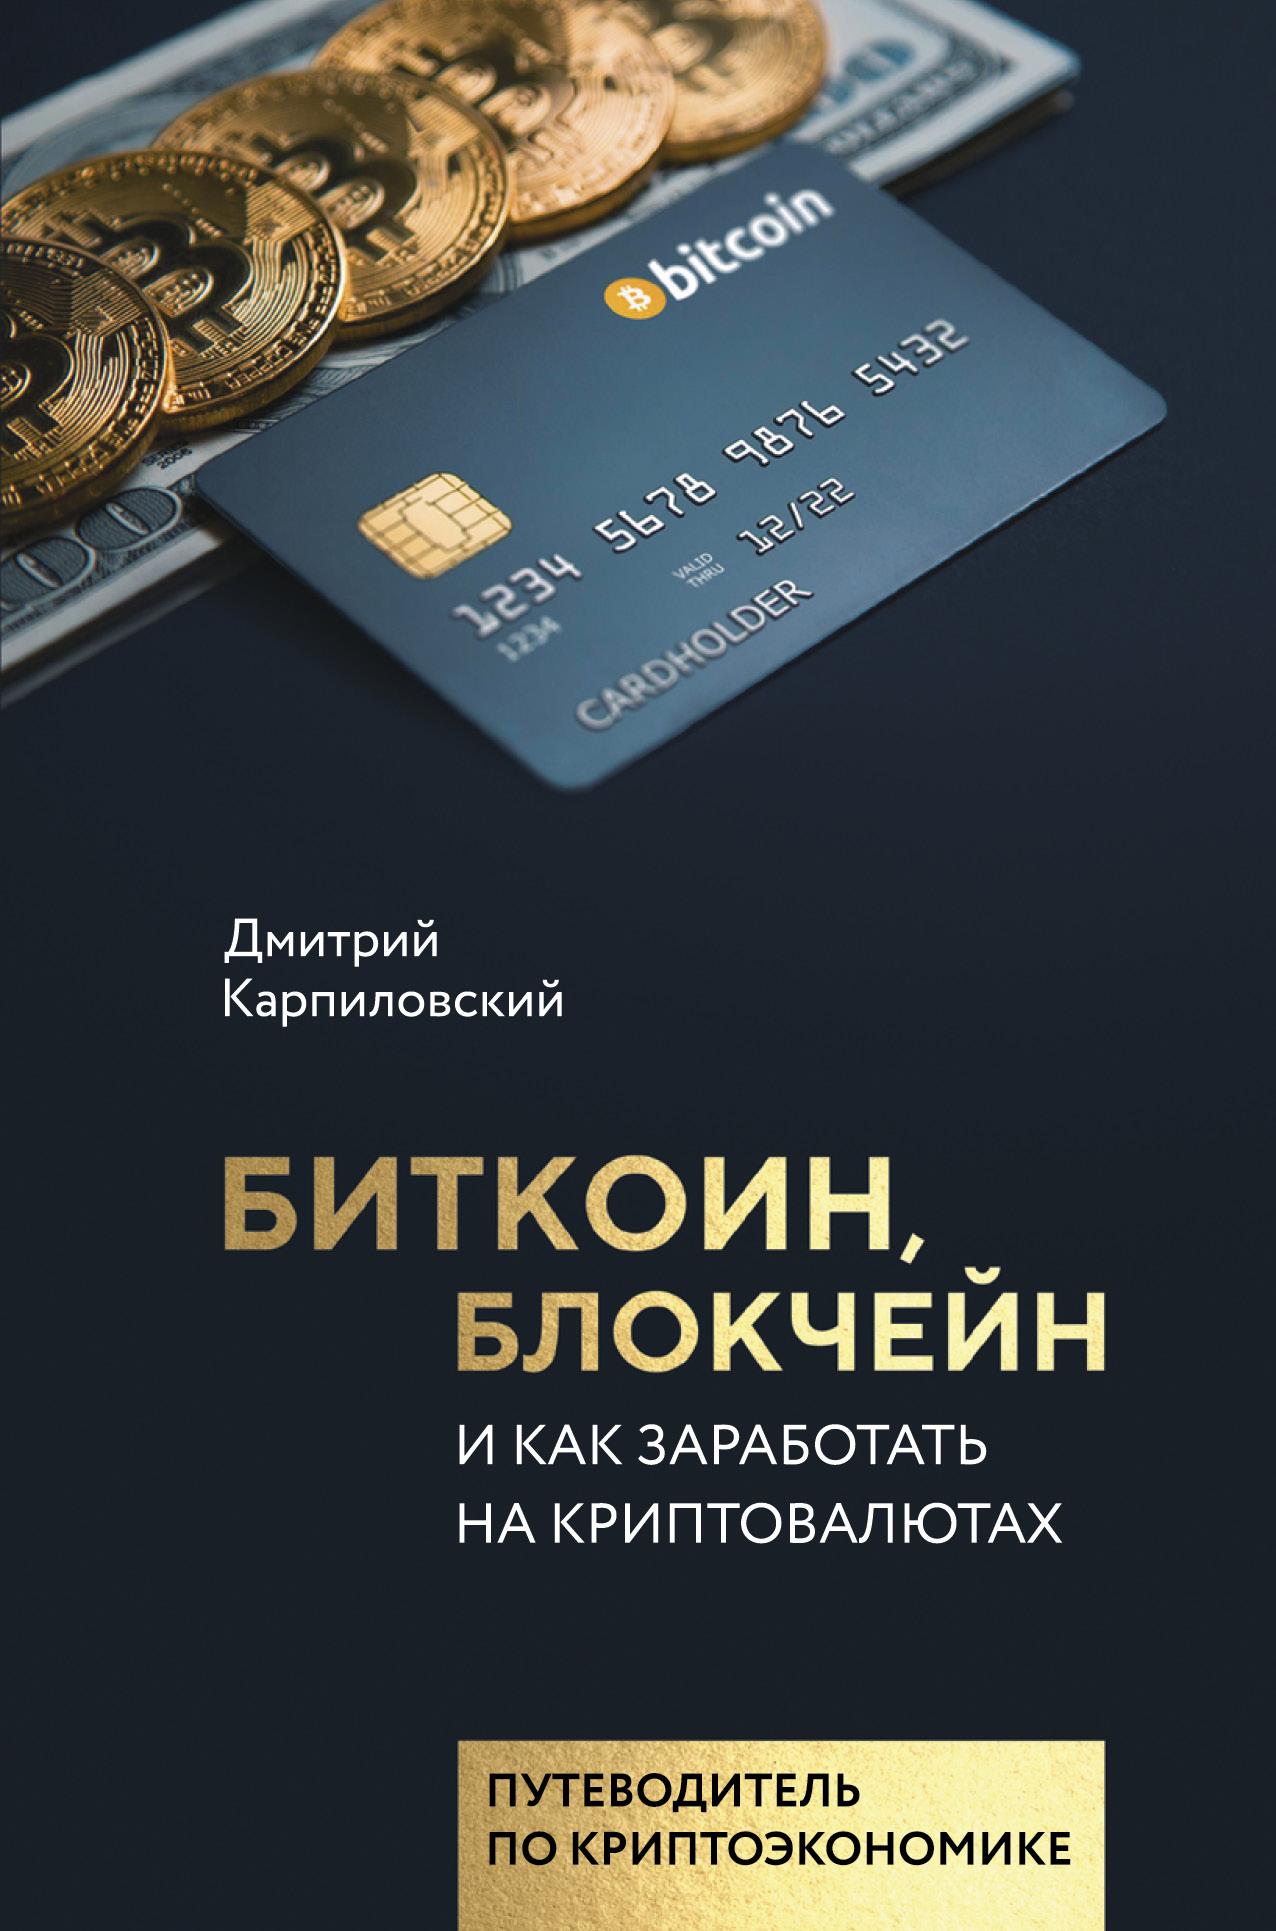 Обложка книги Биткоин, блокчейн и как заработать на криптовалютах